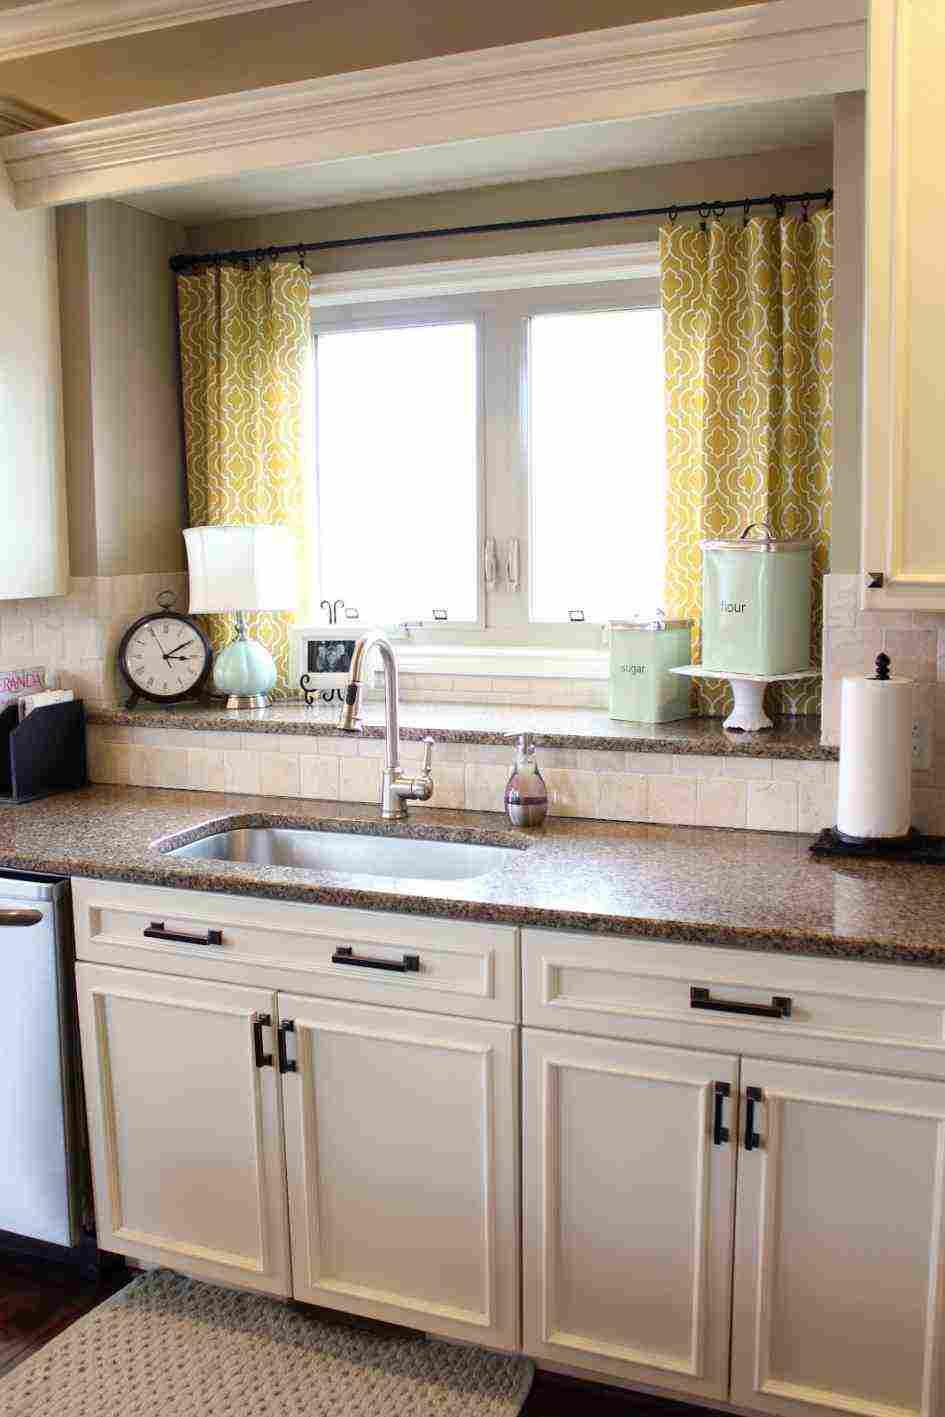 Kitchen Window Sill Ideas - Decor Ideas